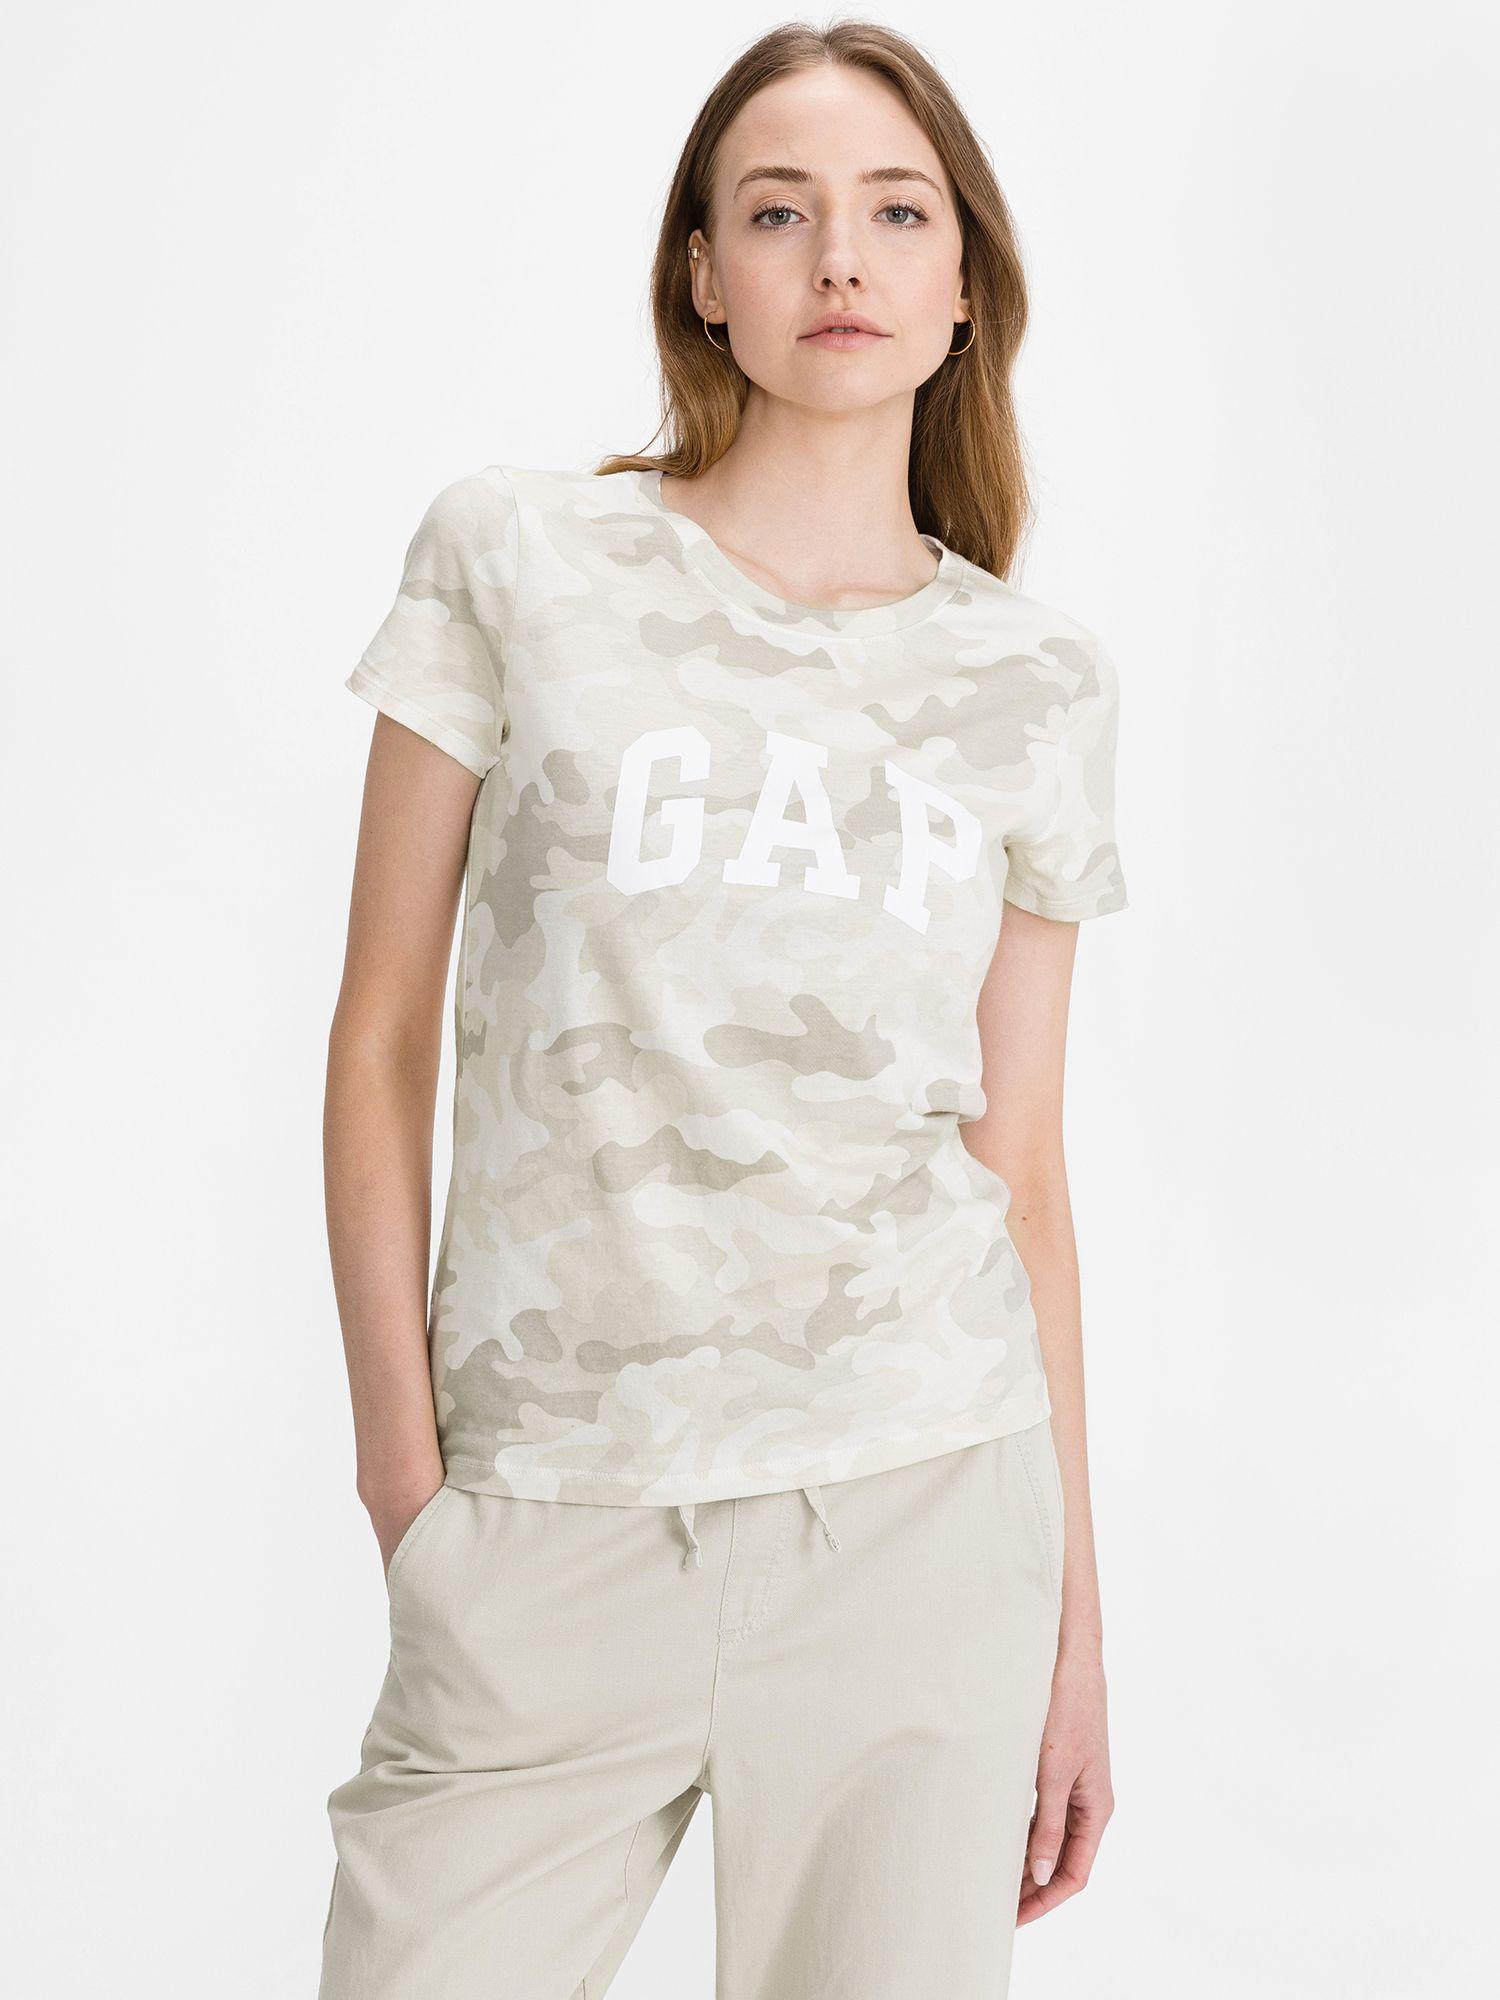 GAP cream / cream T-shirt Classic